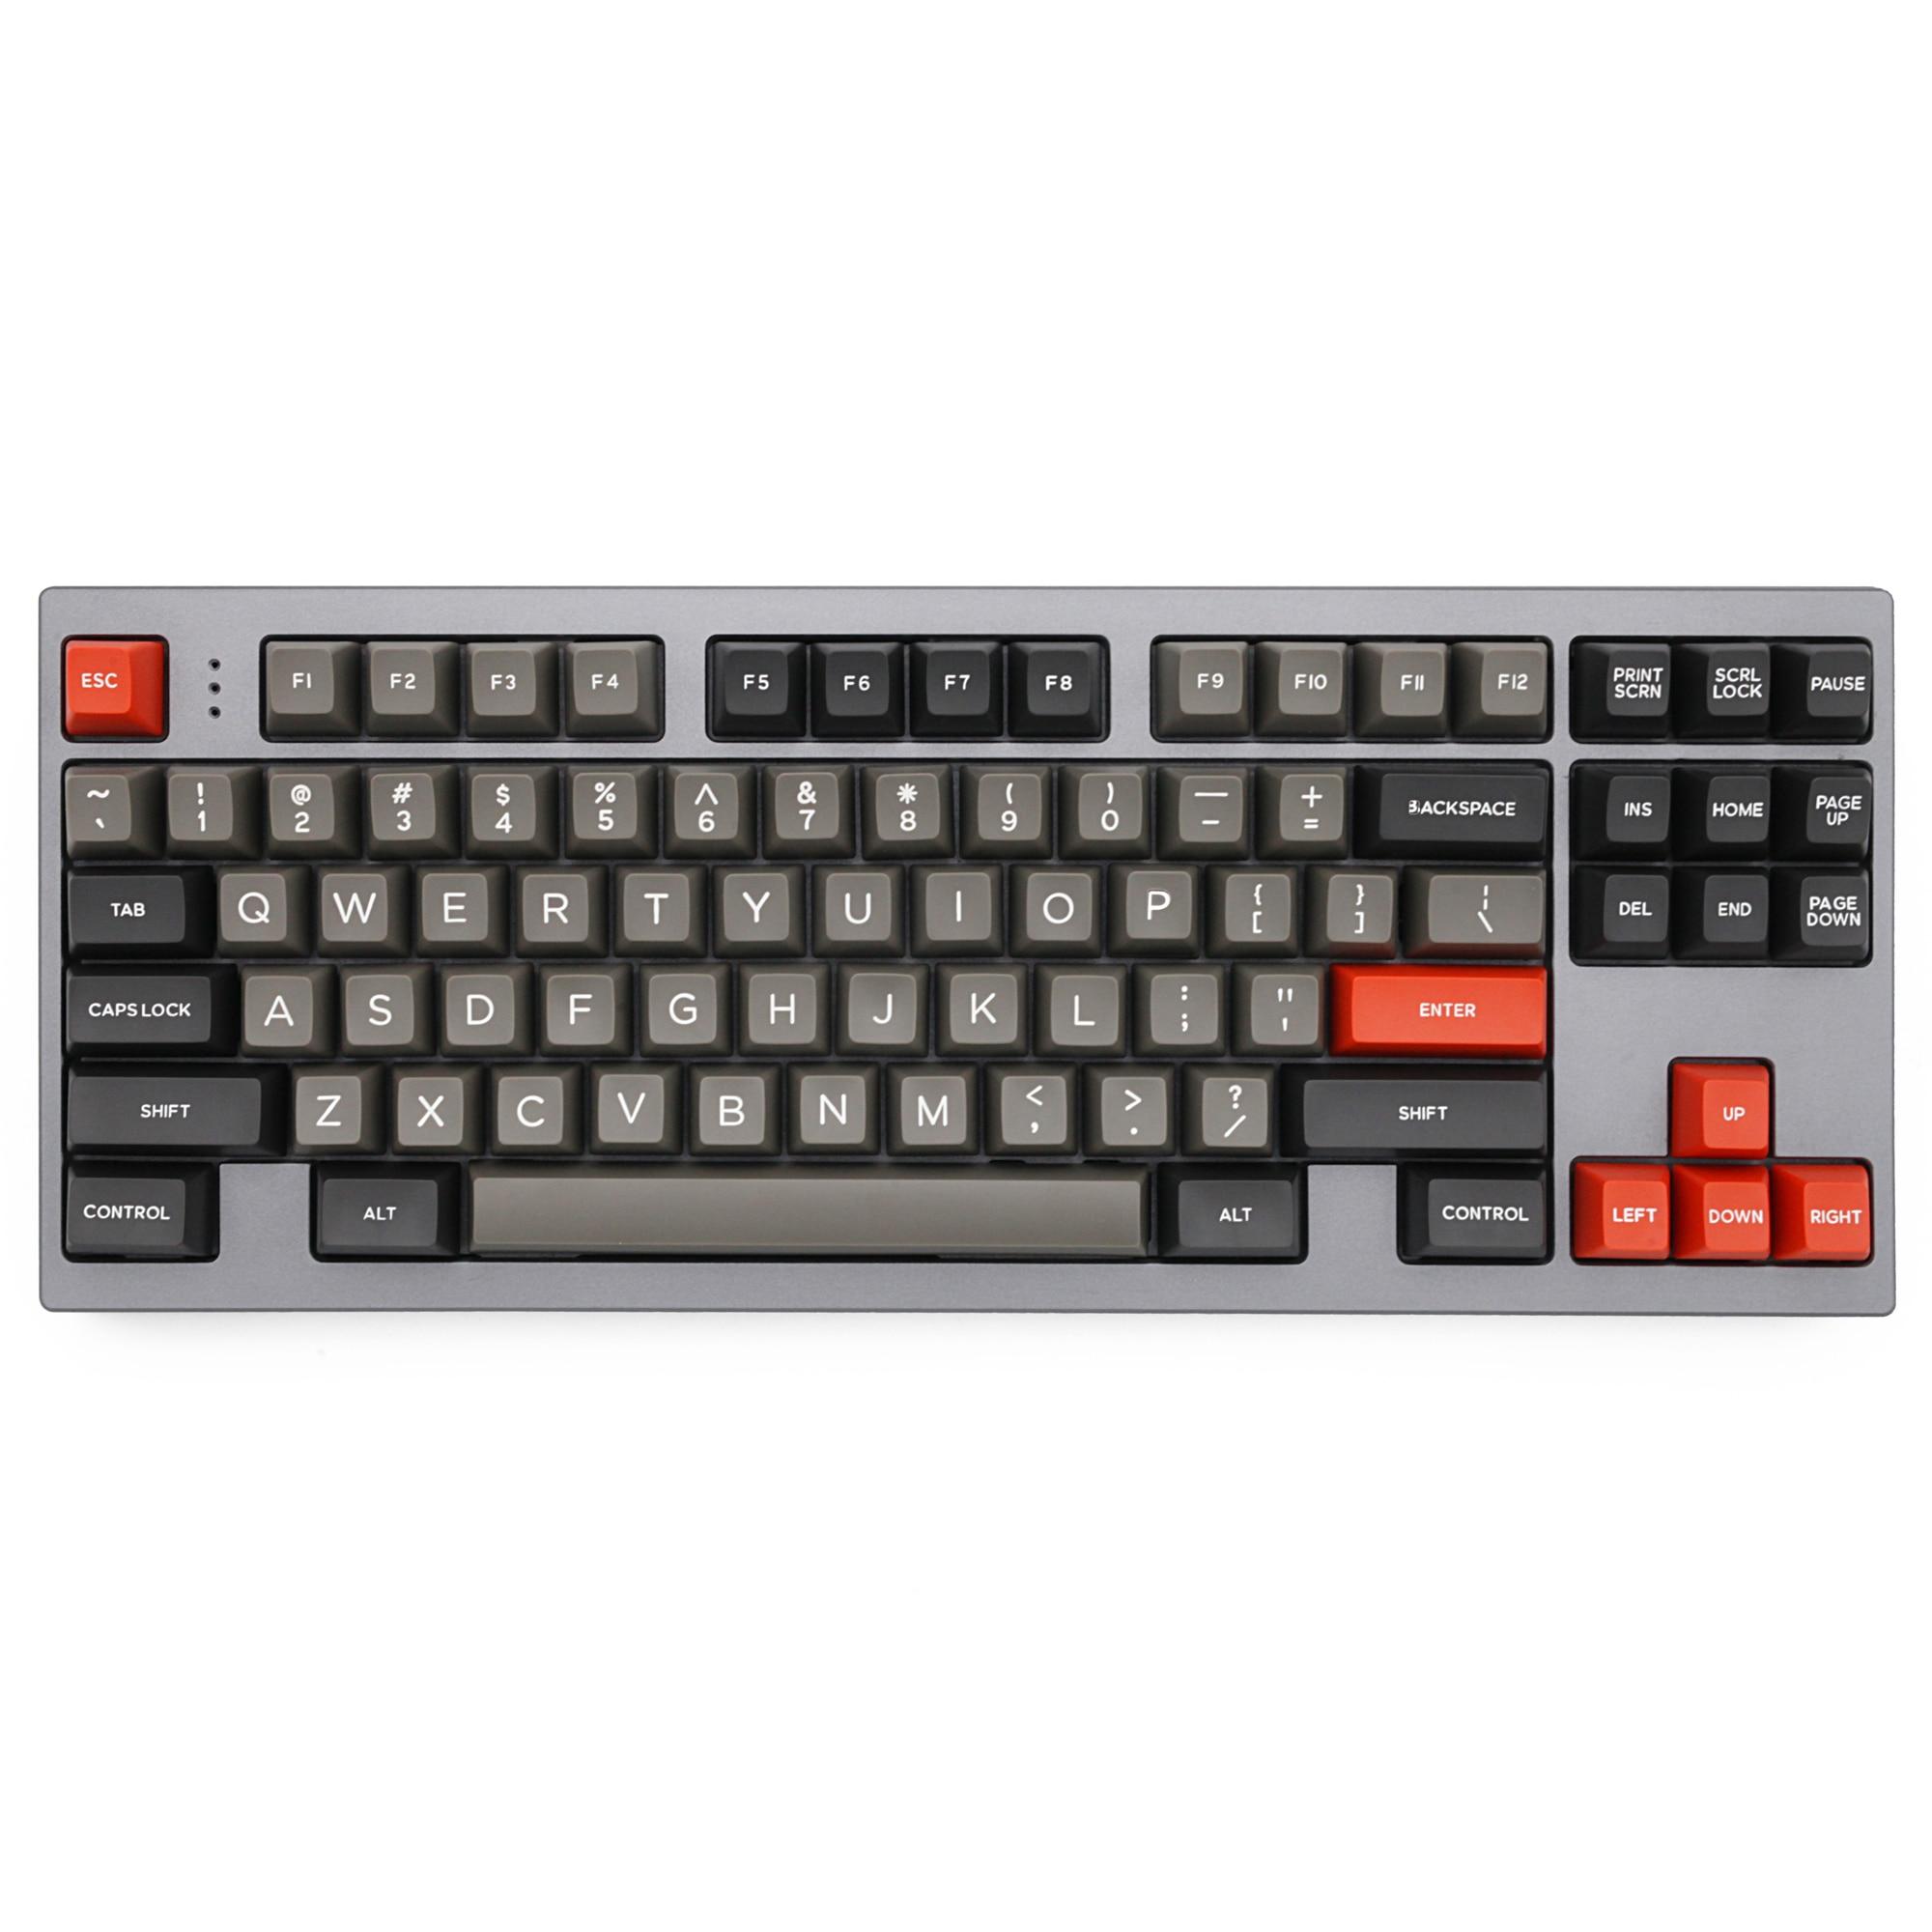 Domikey Sa ABS Doubleshot Keycap Cổ Điển Dolch Sa Hồ Sơ Cho MX Thân Bàn Phím Game 87 104 Gh60 Xd64 Xd68 Xd84 xd96 Xd75 Xd87 title=